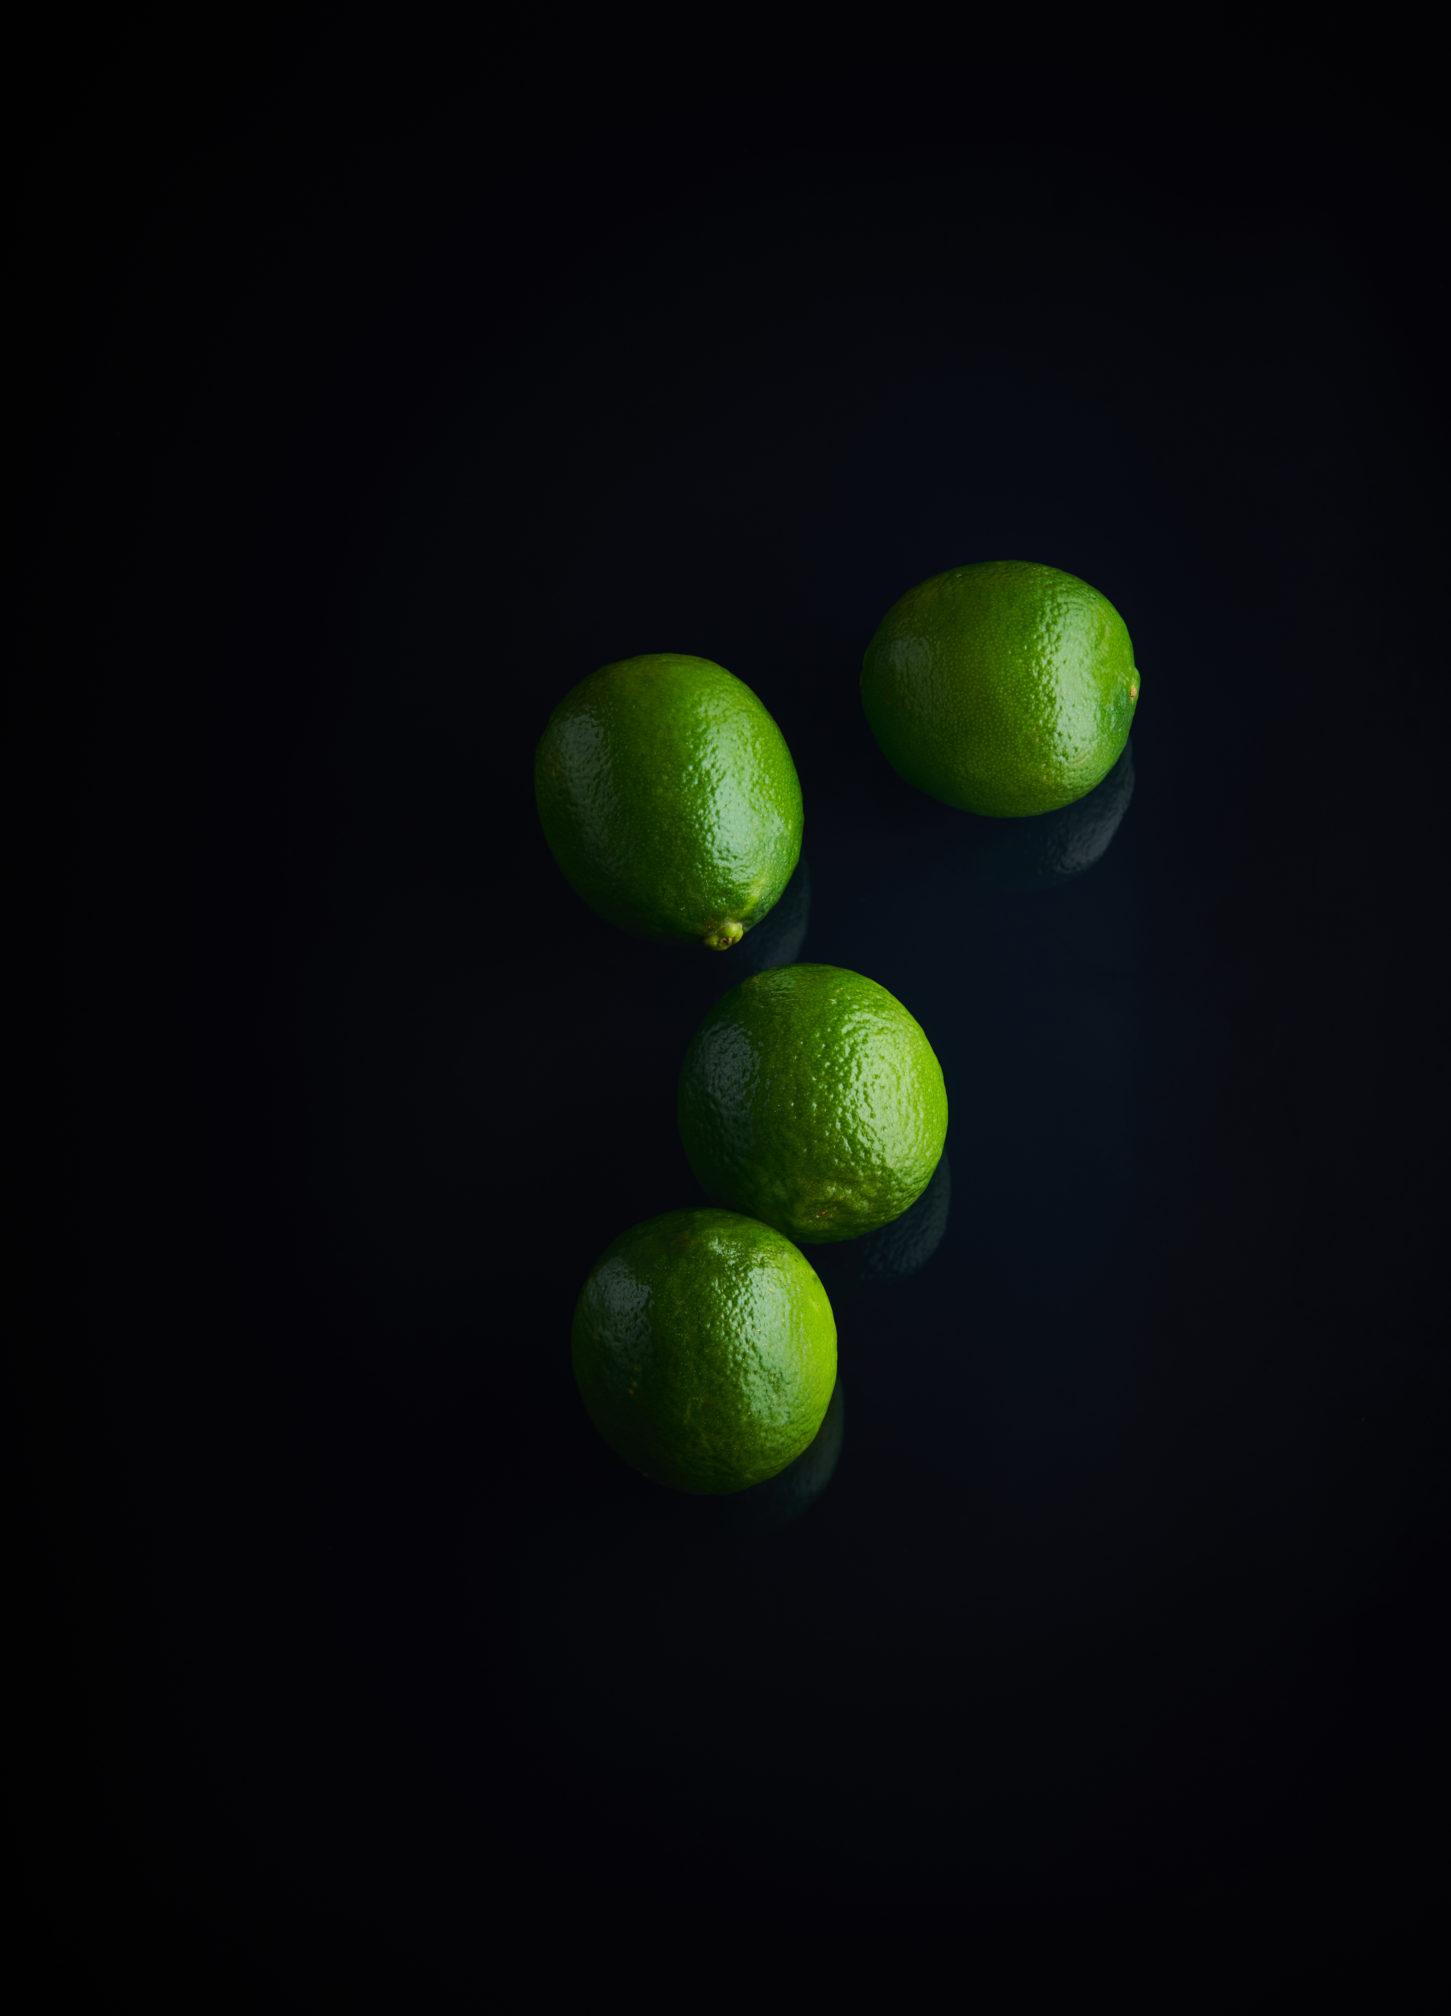 capexo-lilot-fruits-exotique-lime-citron-vert